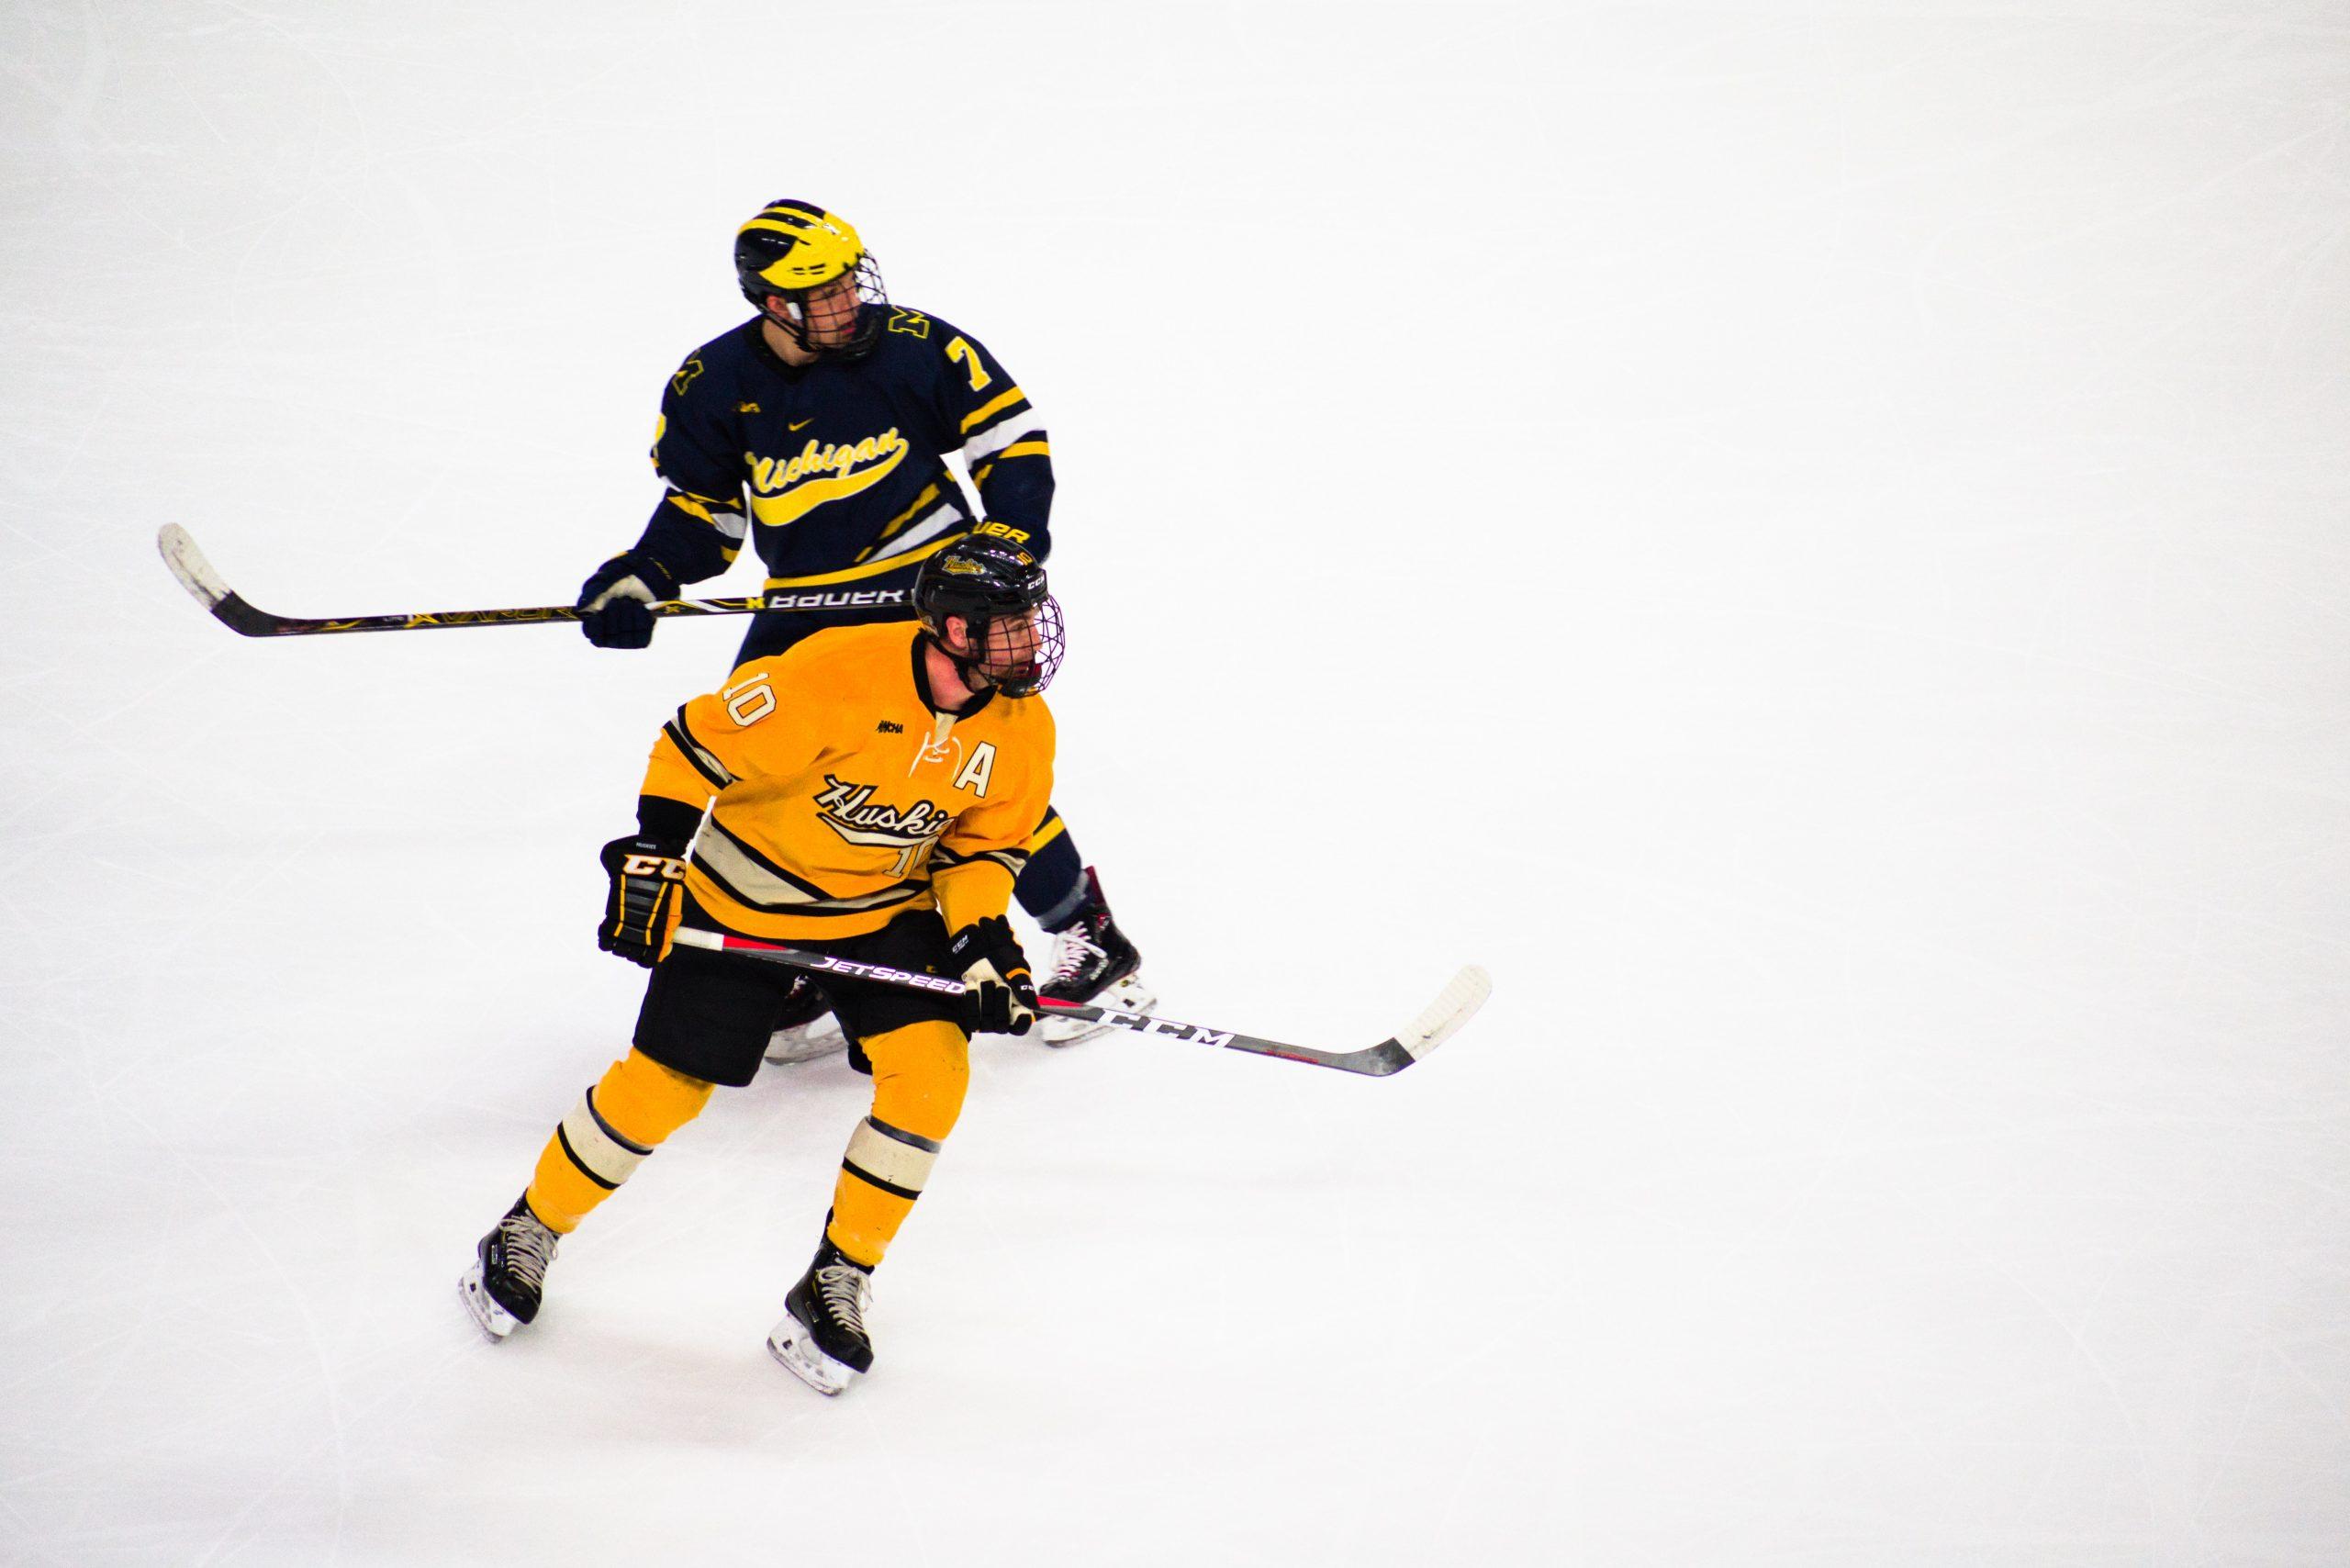 HÓQUEI NO GELO: TUDO QUE É PRECISO SABER PARA APOSTAR NA NHL